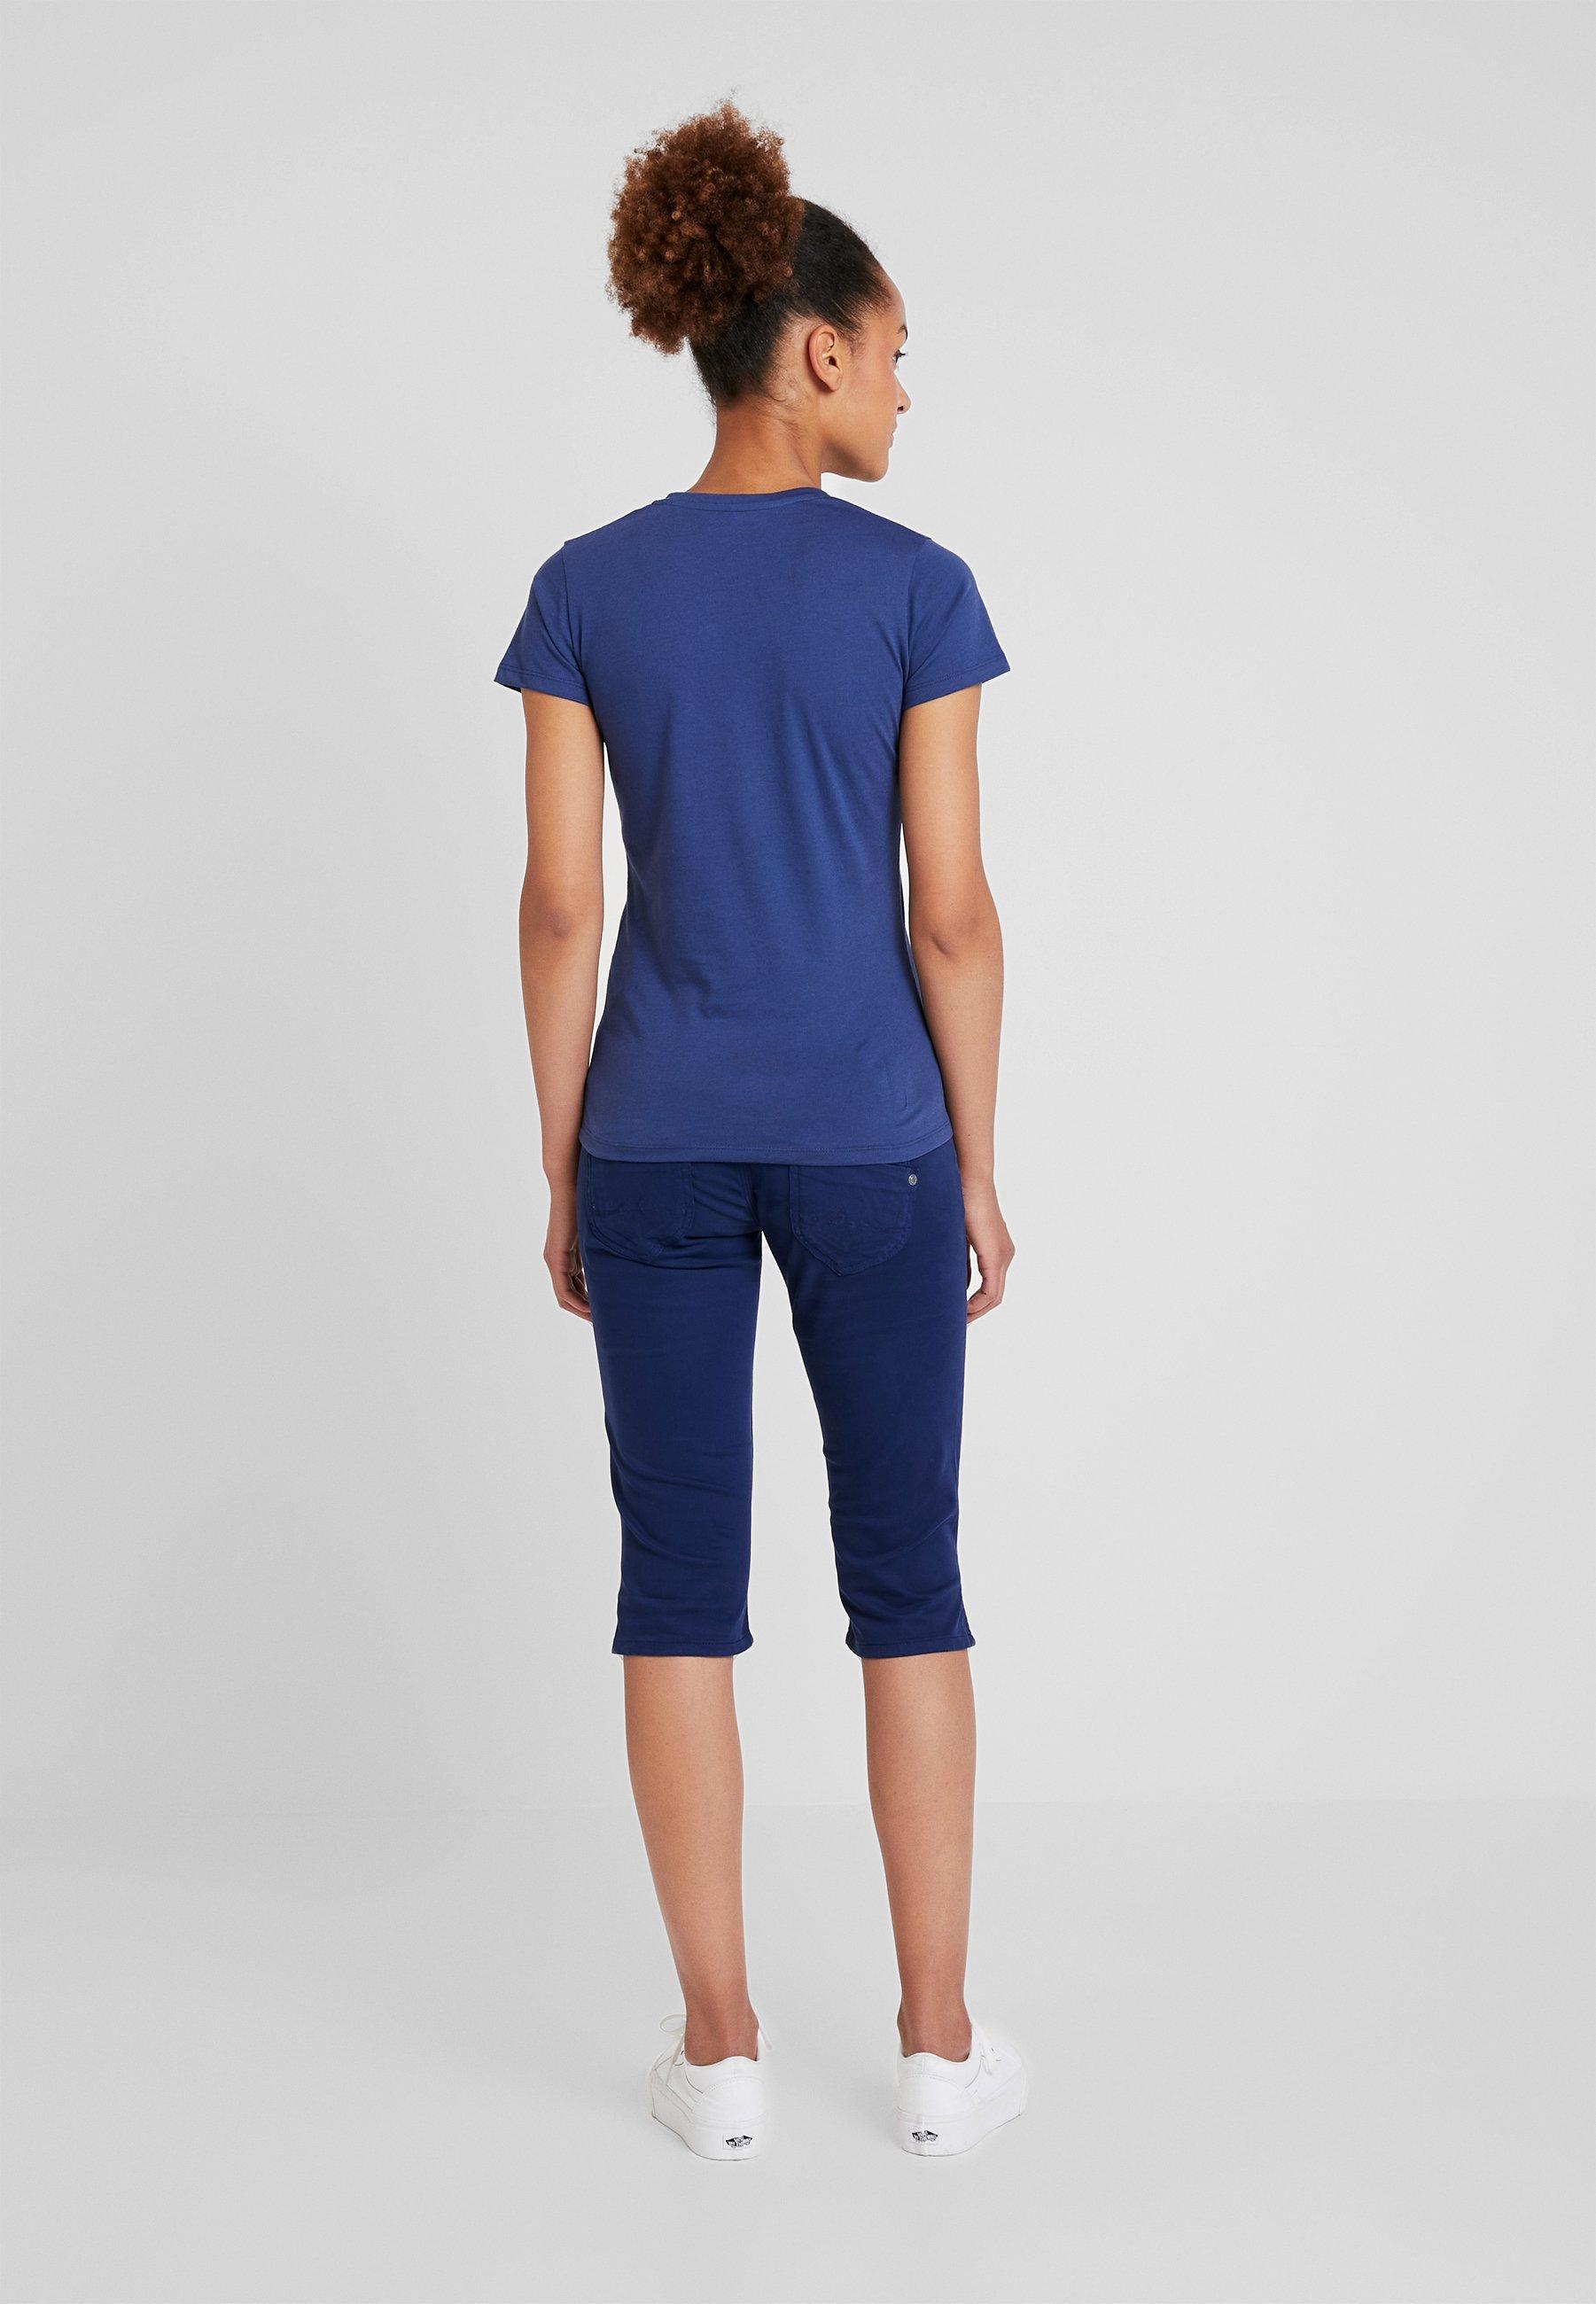 AndreaT Jeans Imprimé Pepe Sailor shirt RjqcL3A54